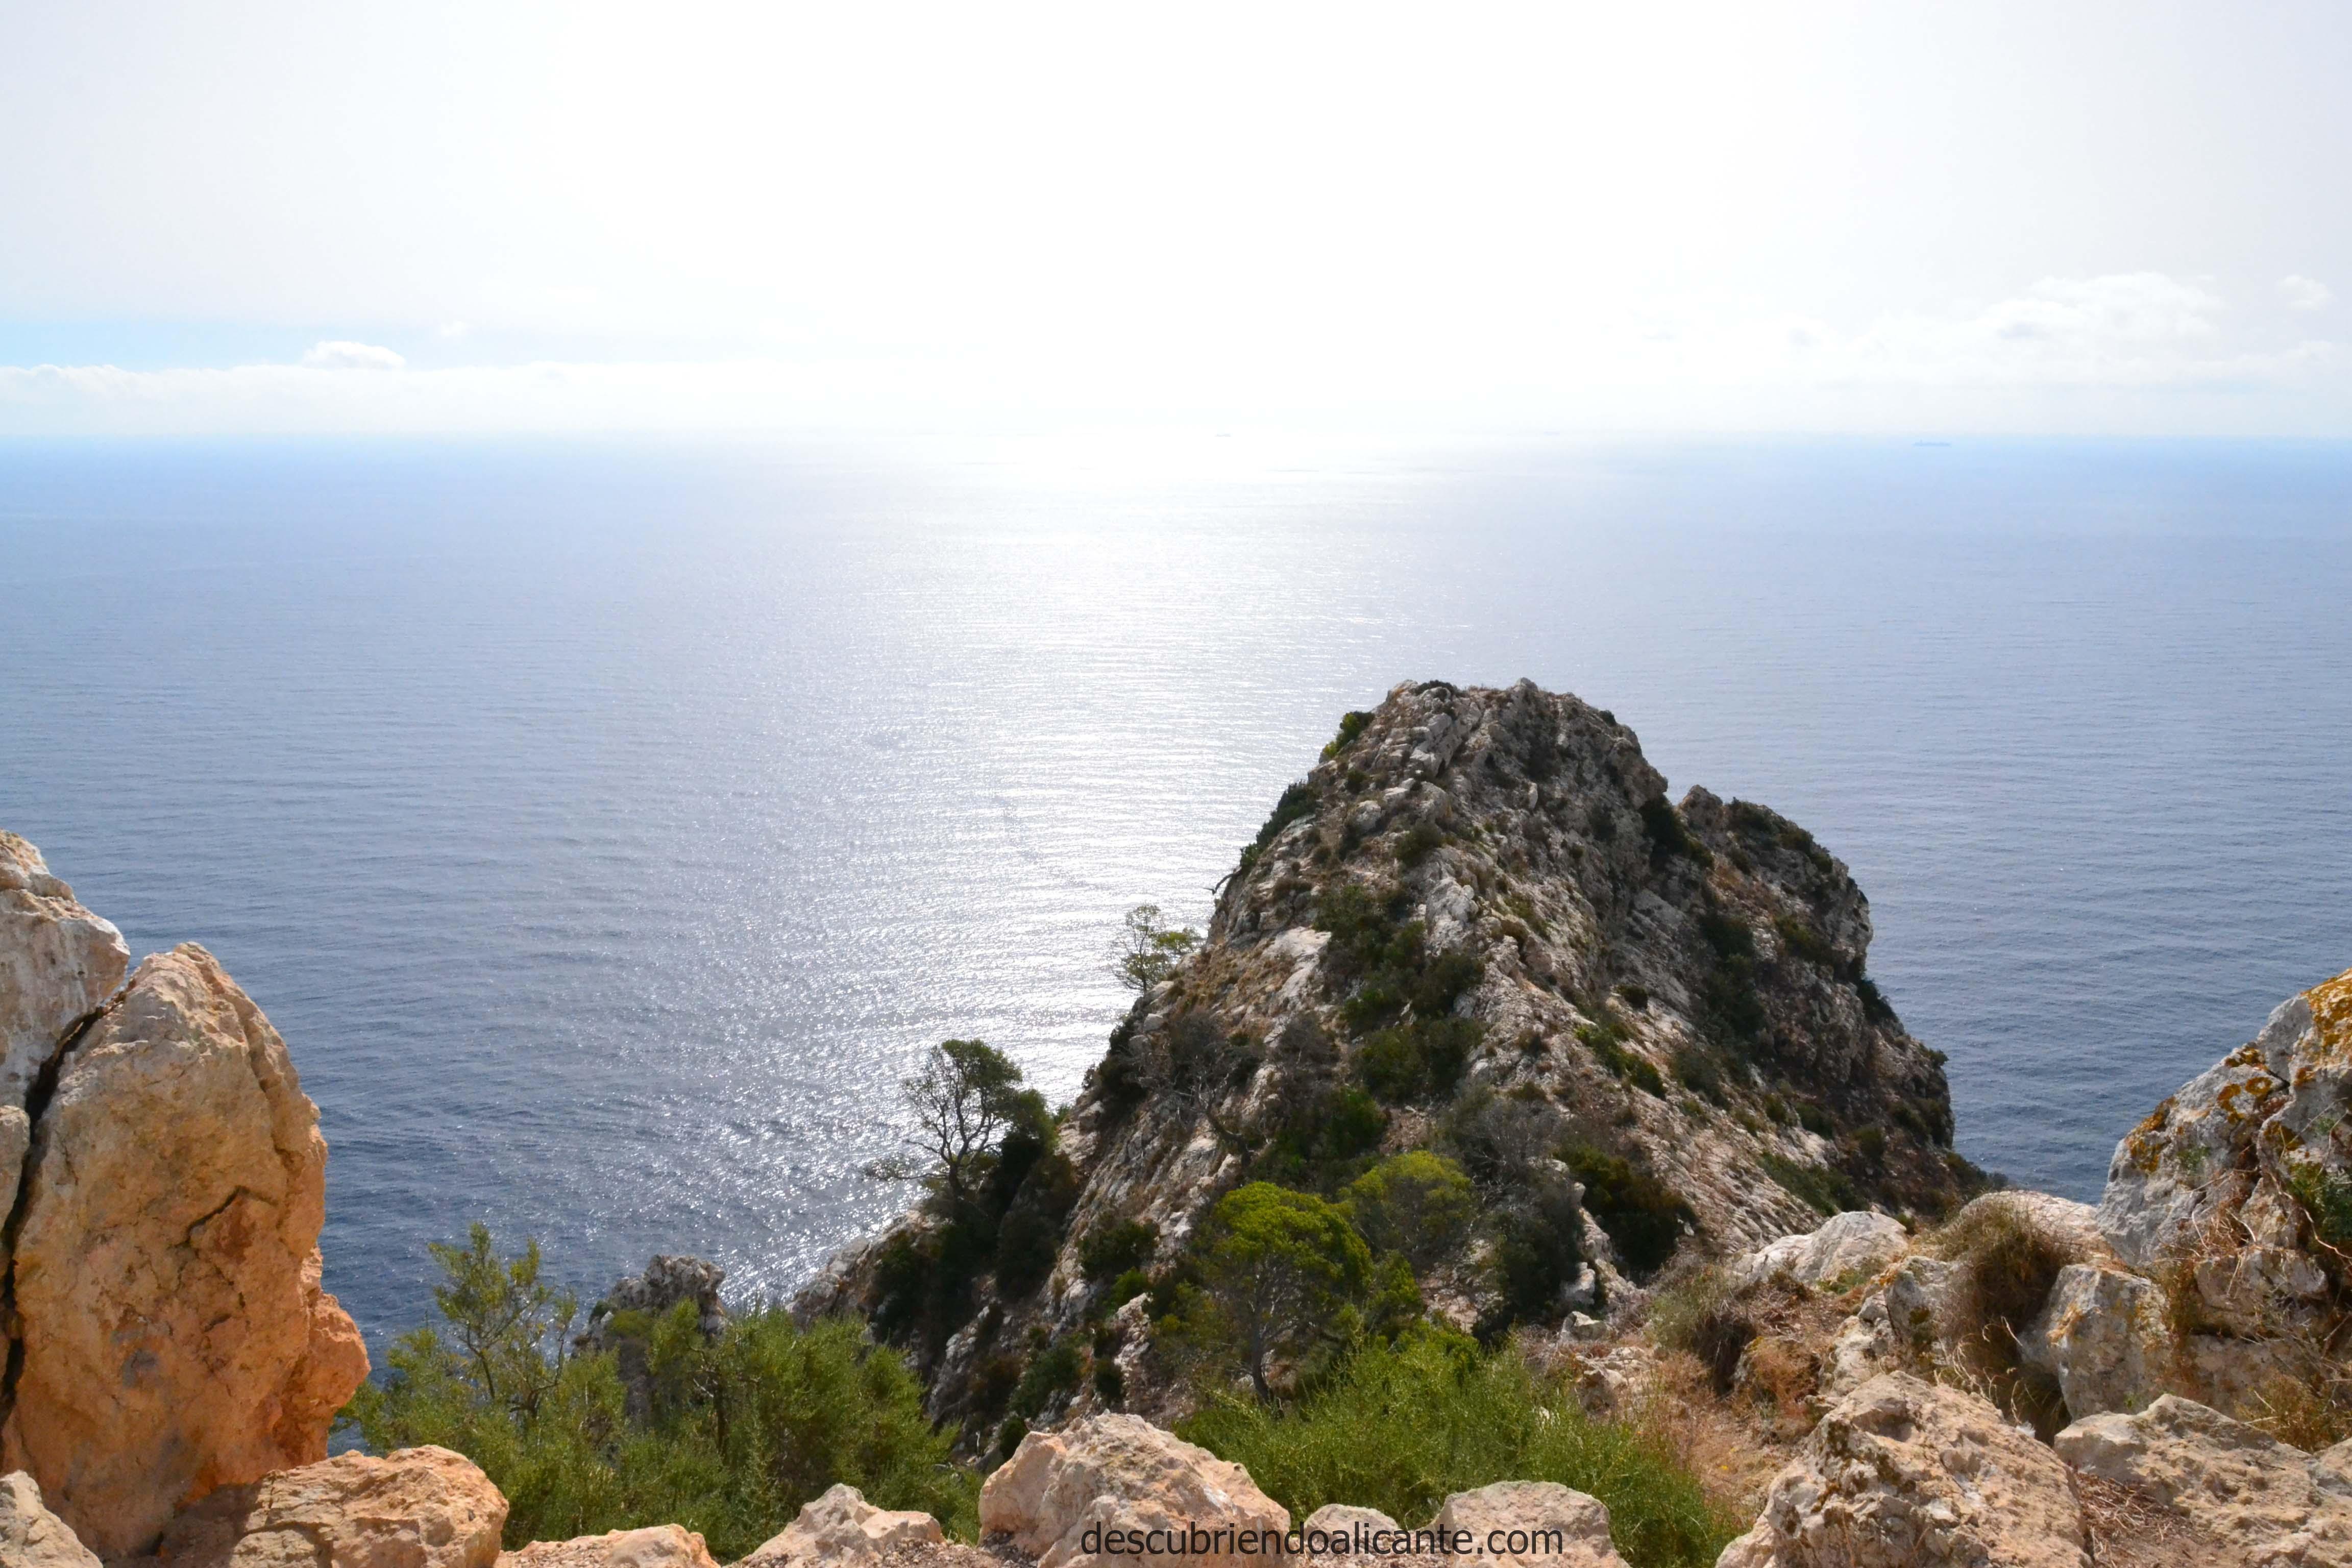 mirador-mediterraneo-carabineros-penon-de-ifach-calpe